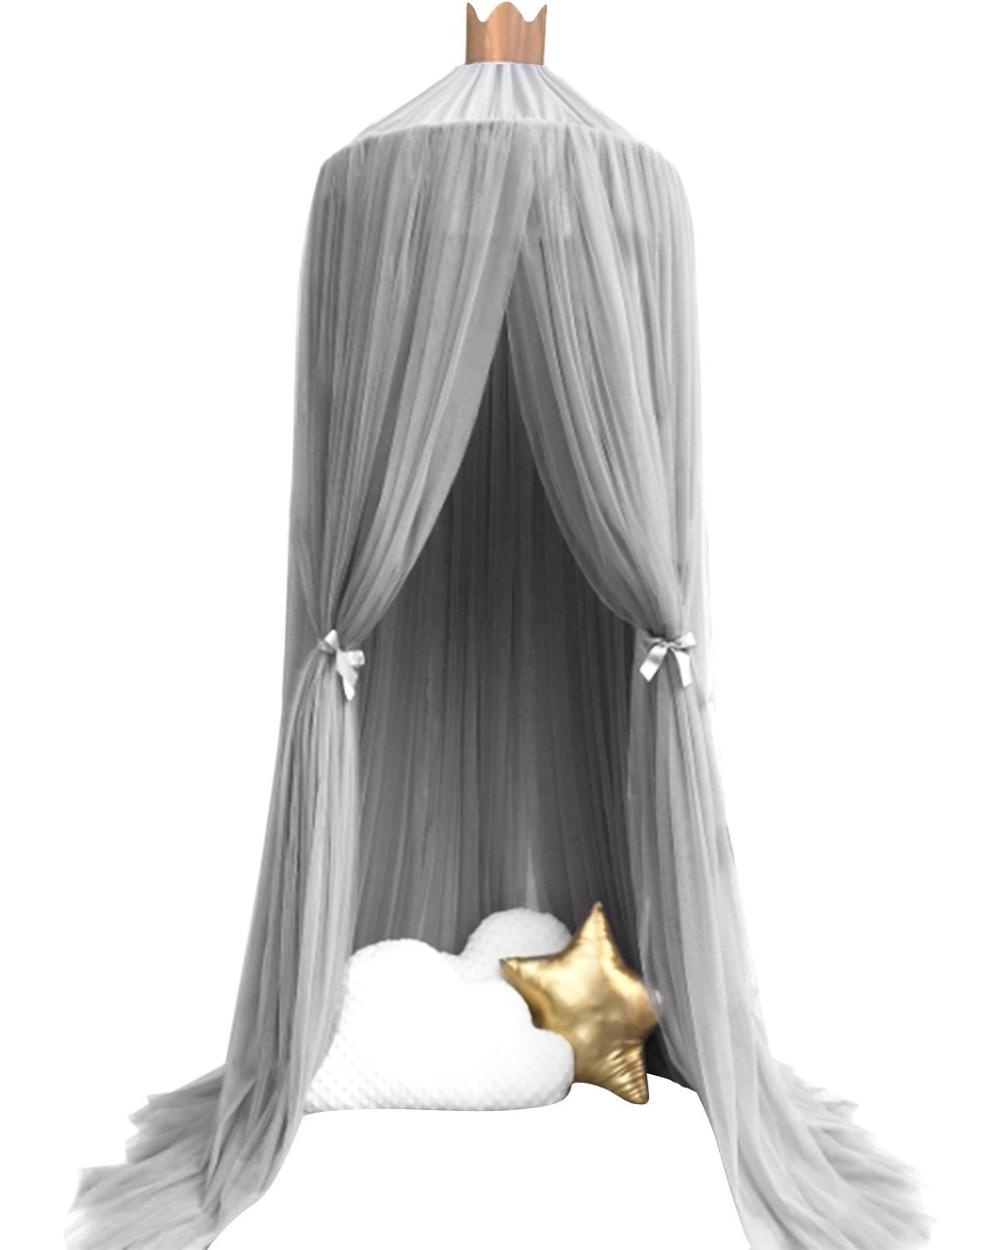 10 слоев 3 цвета розовый серый и белый марлевые Дети Москитная сетка кровать для принцессы балдахин купольная сетка - Цвет: grey 10 layers